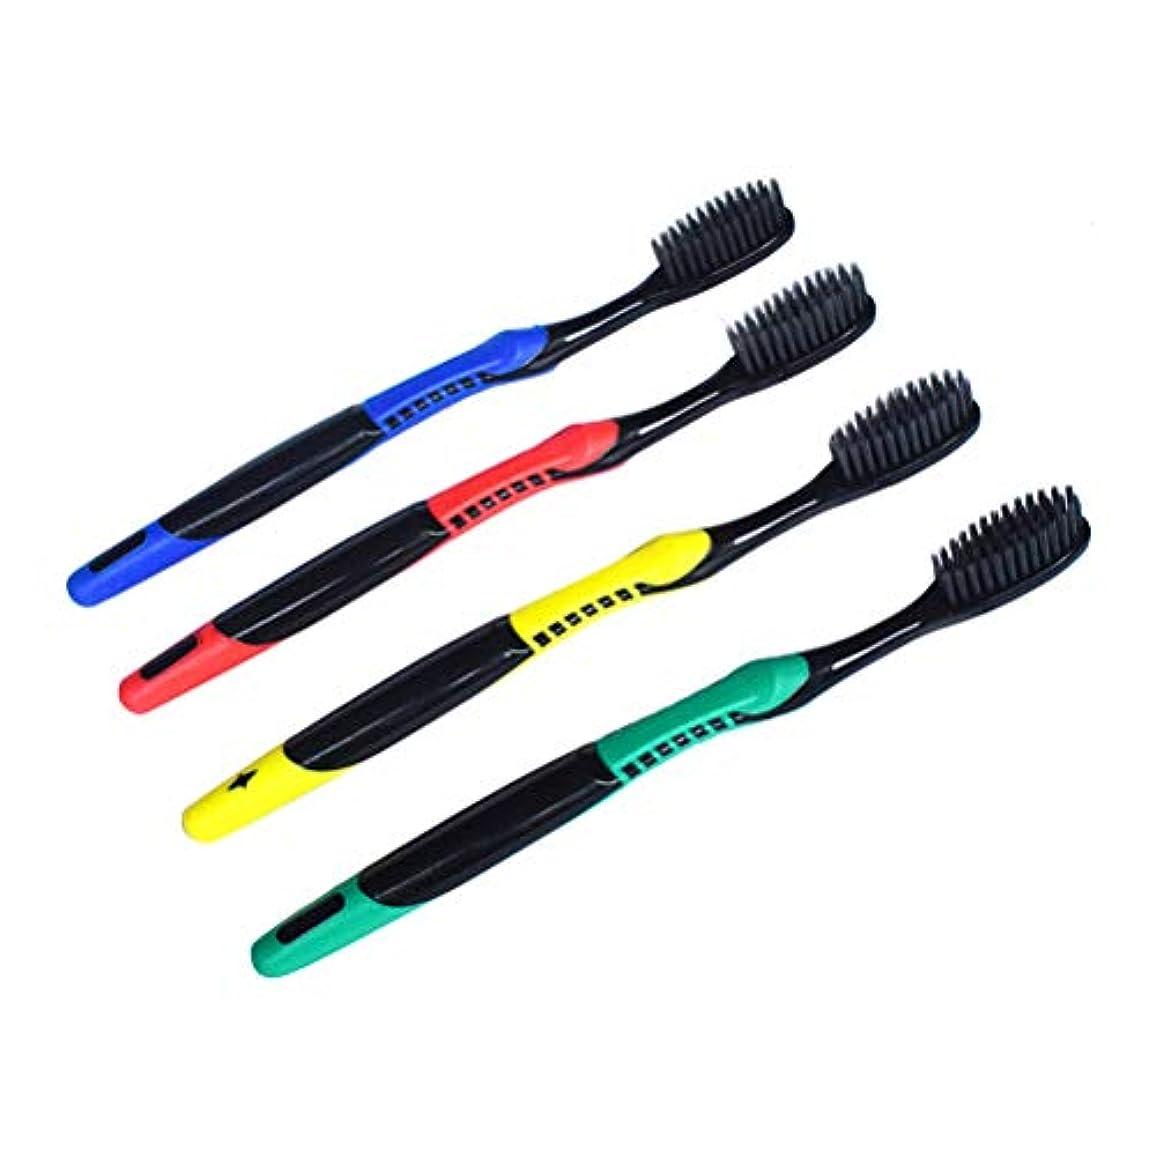 気づかないスティックインドHealifty 家庭用電車旅行用ソフト環境に優しい歯ブラシ8PC竹炭パッパス歯ブラシ(混色)